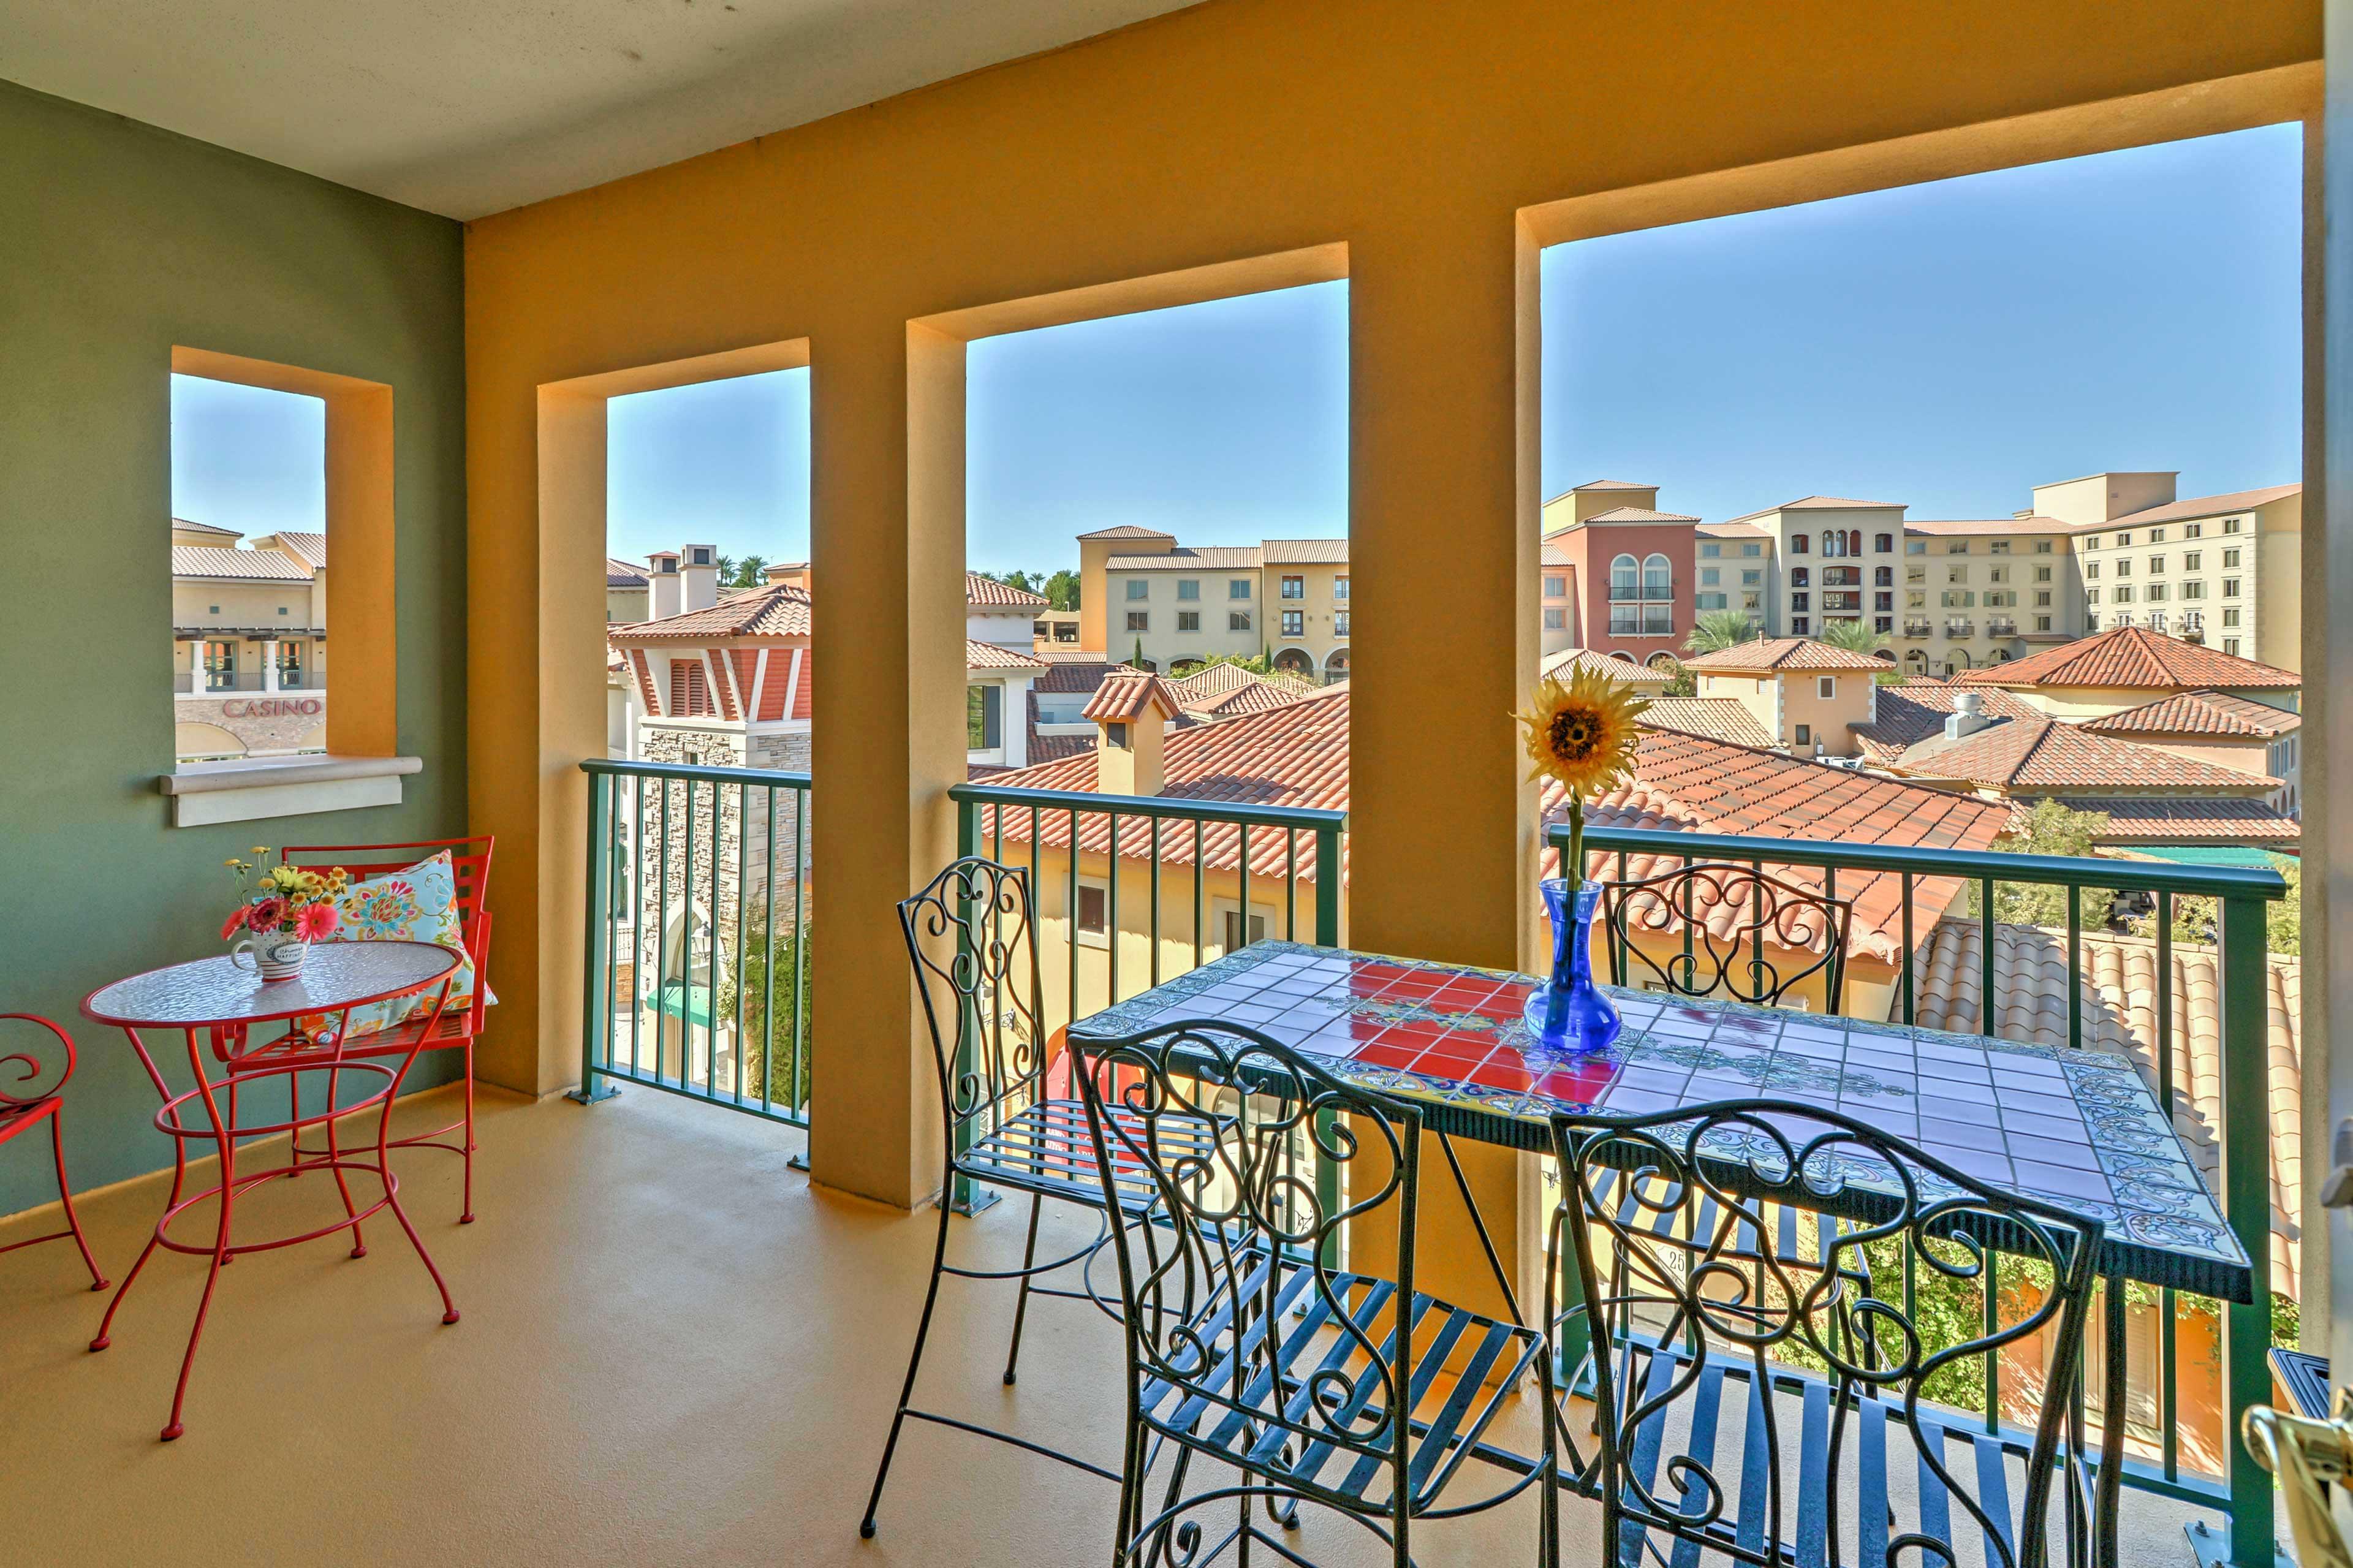 Enjoy Tuscan-inspired surroundings at this Lake Las Vegas vacation rental condo!